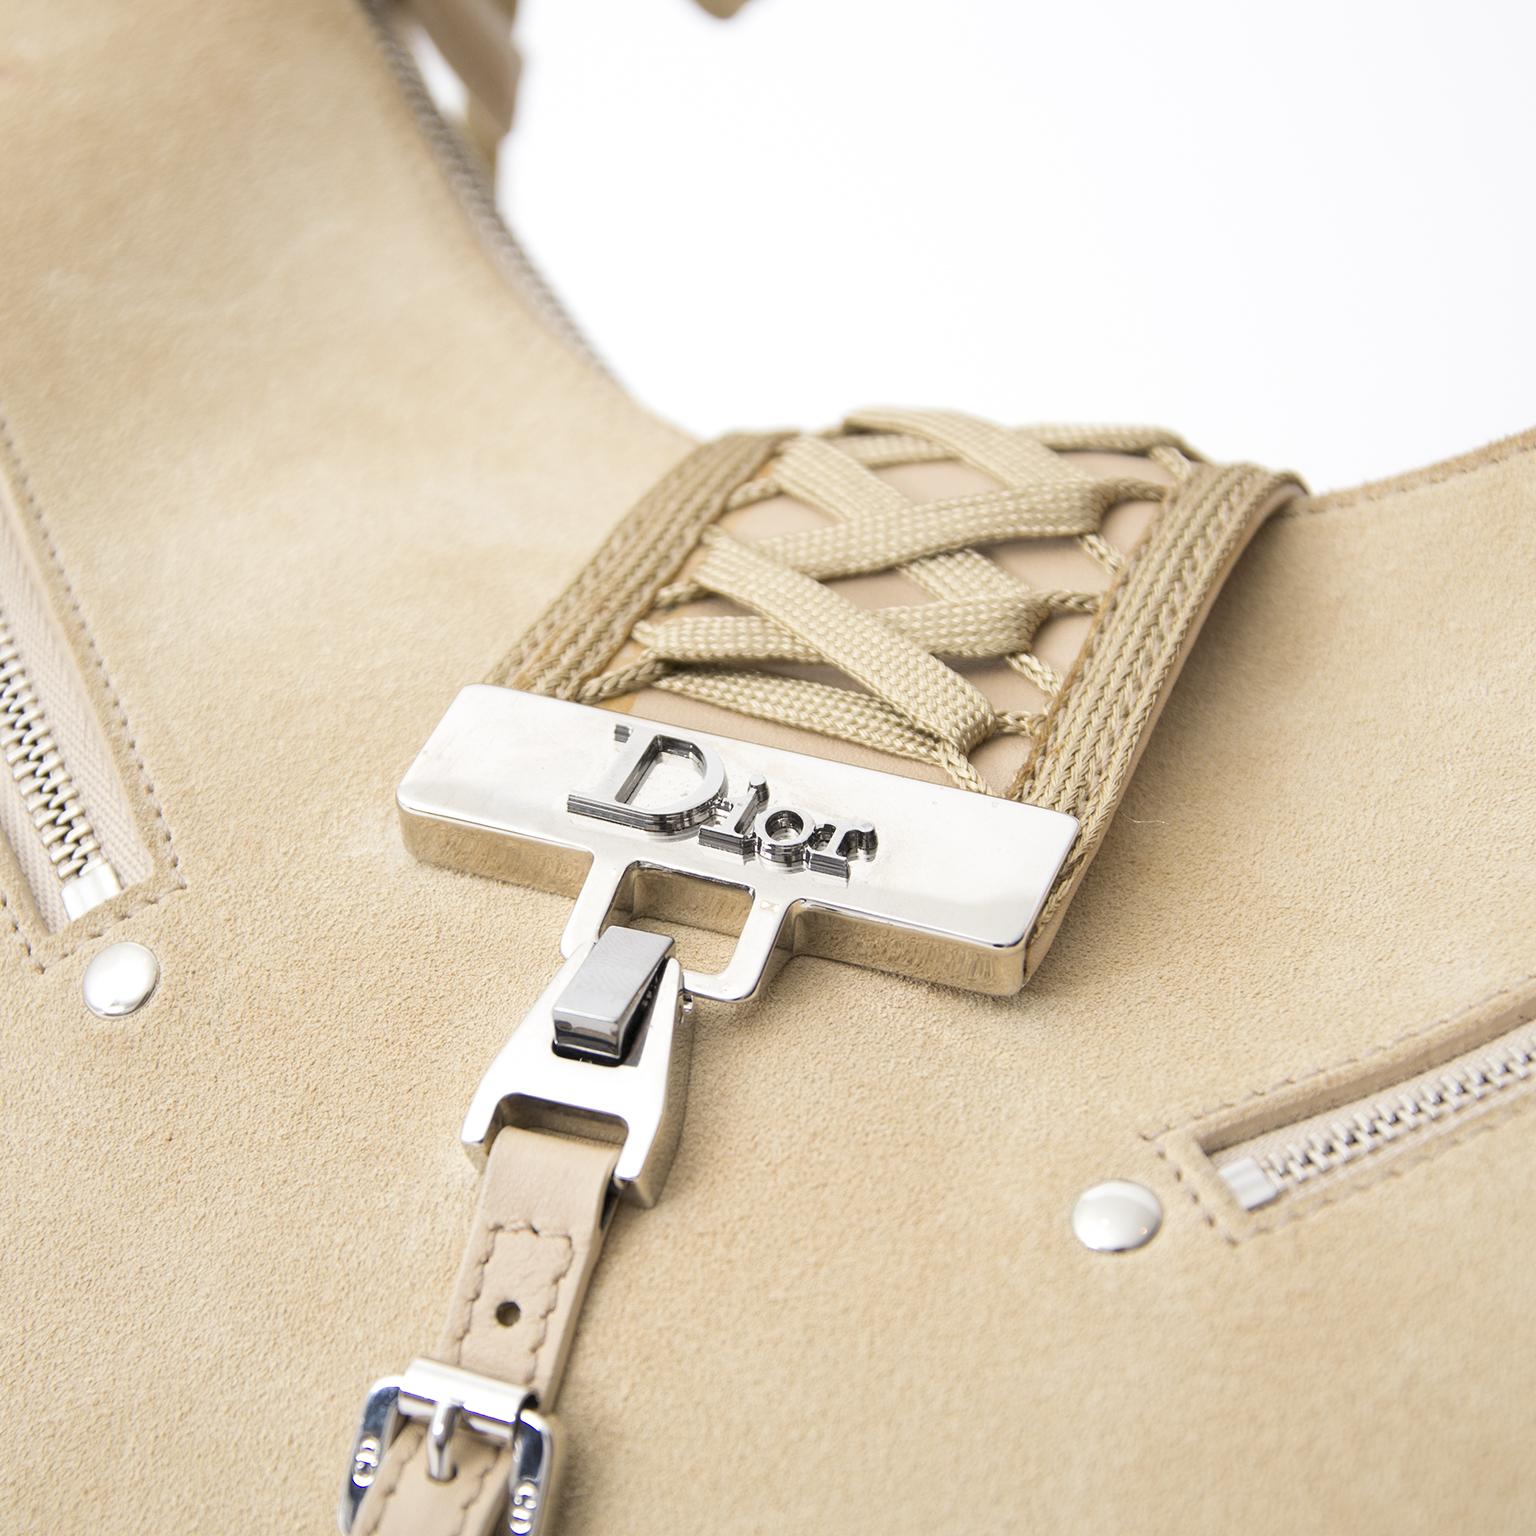 acheter en ligne pour le meilleur prix sac a main Dior Baguette  comme neuf